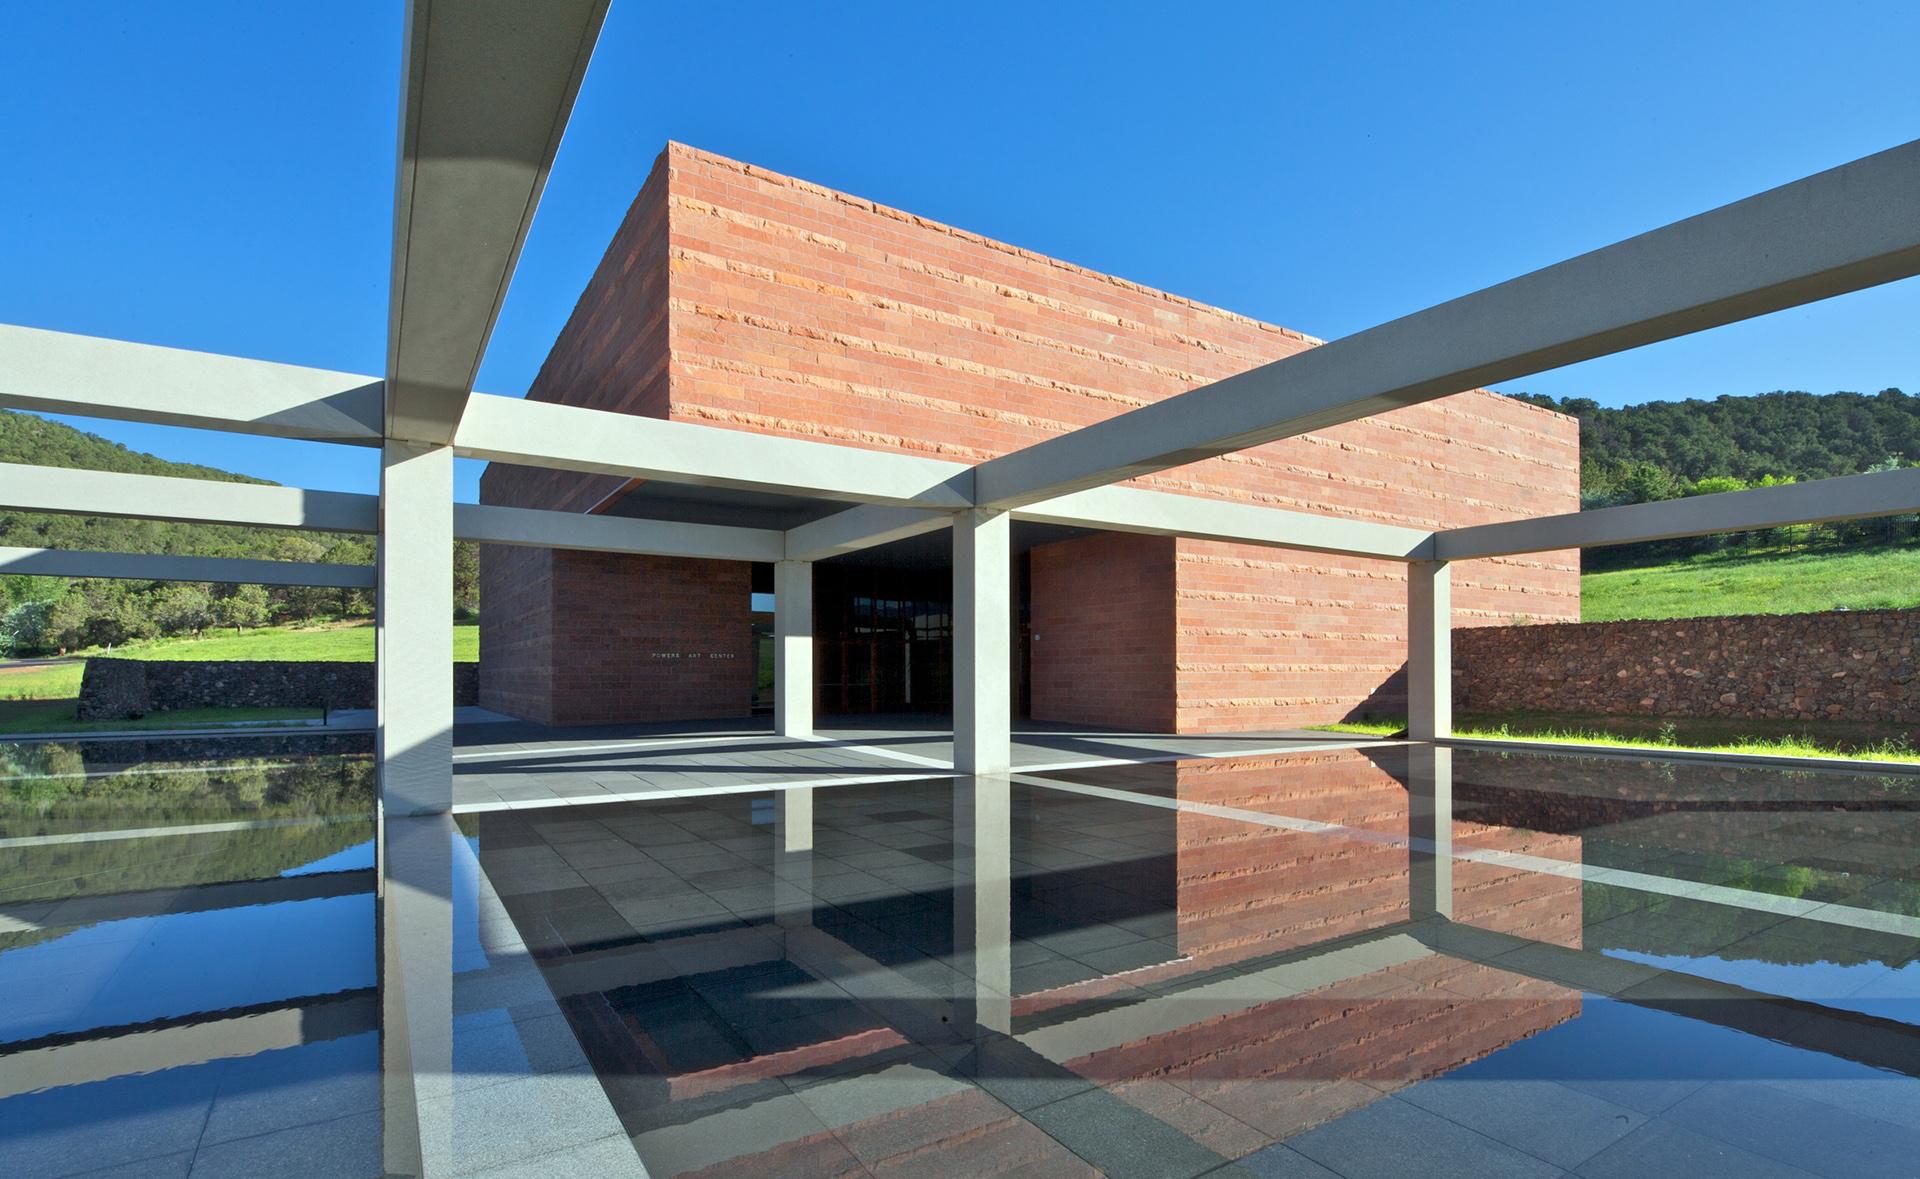 Powers Art Center